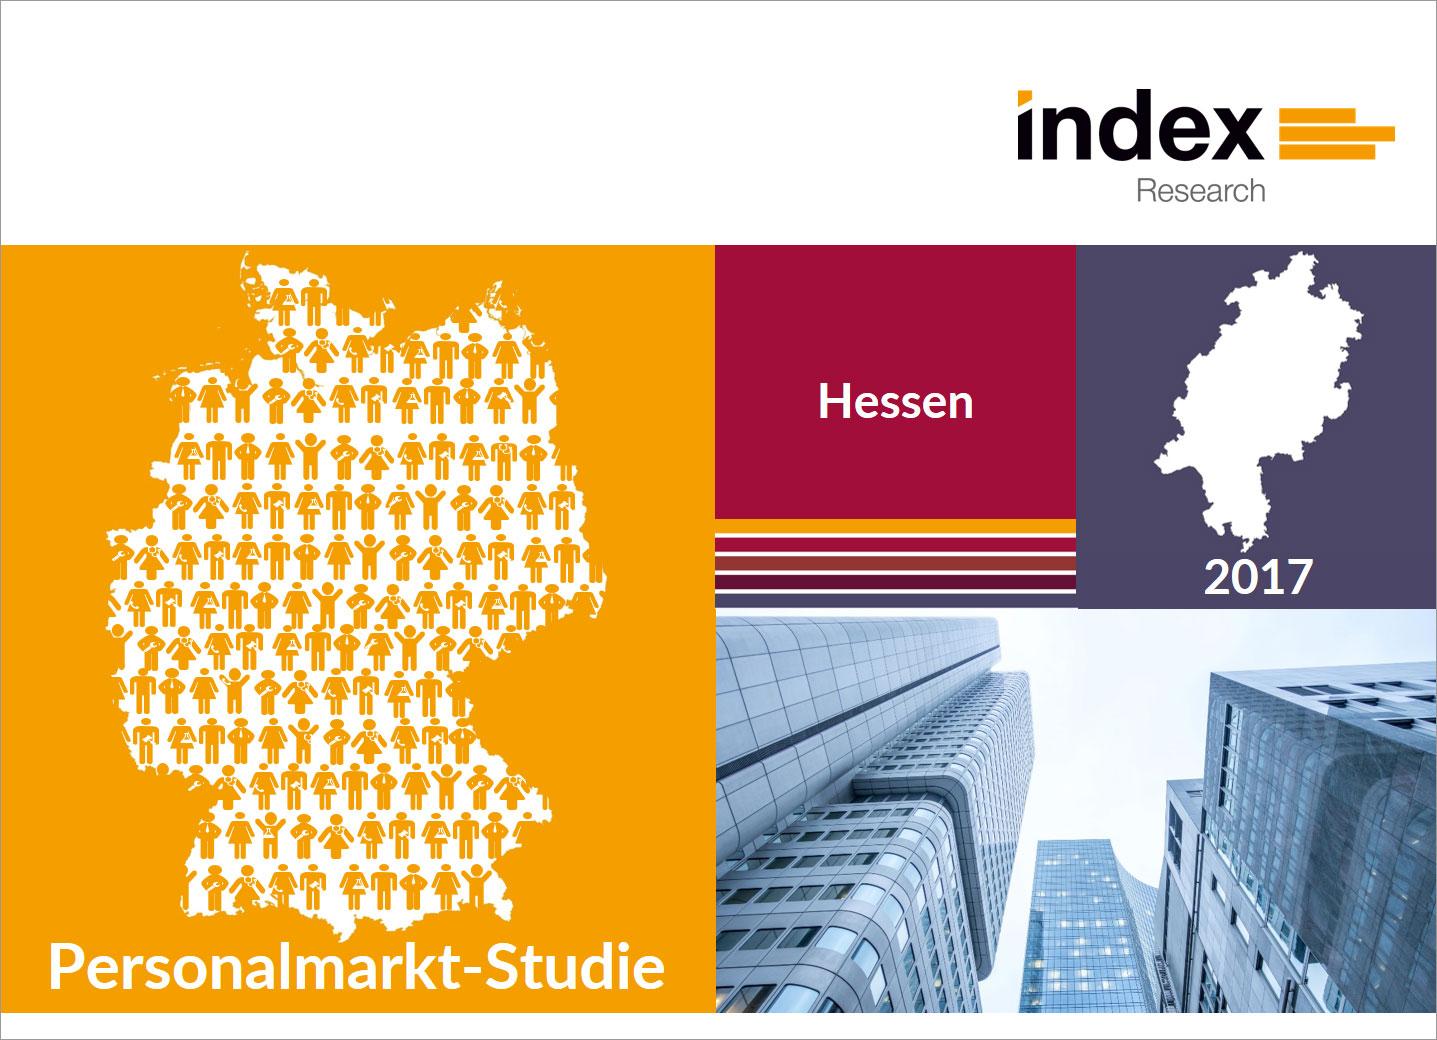 Personalmarkt-Studie Hessen 2017